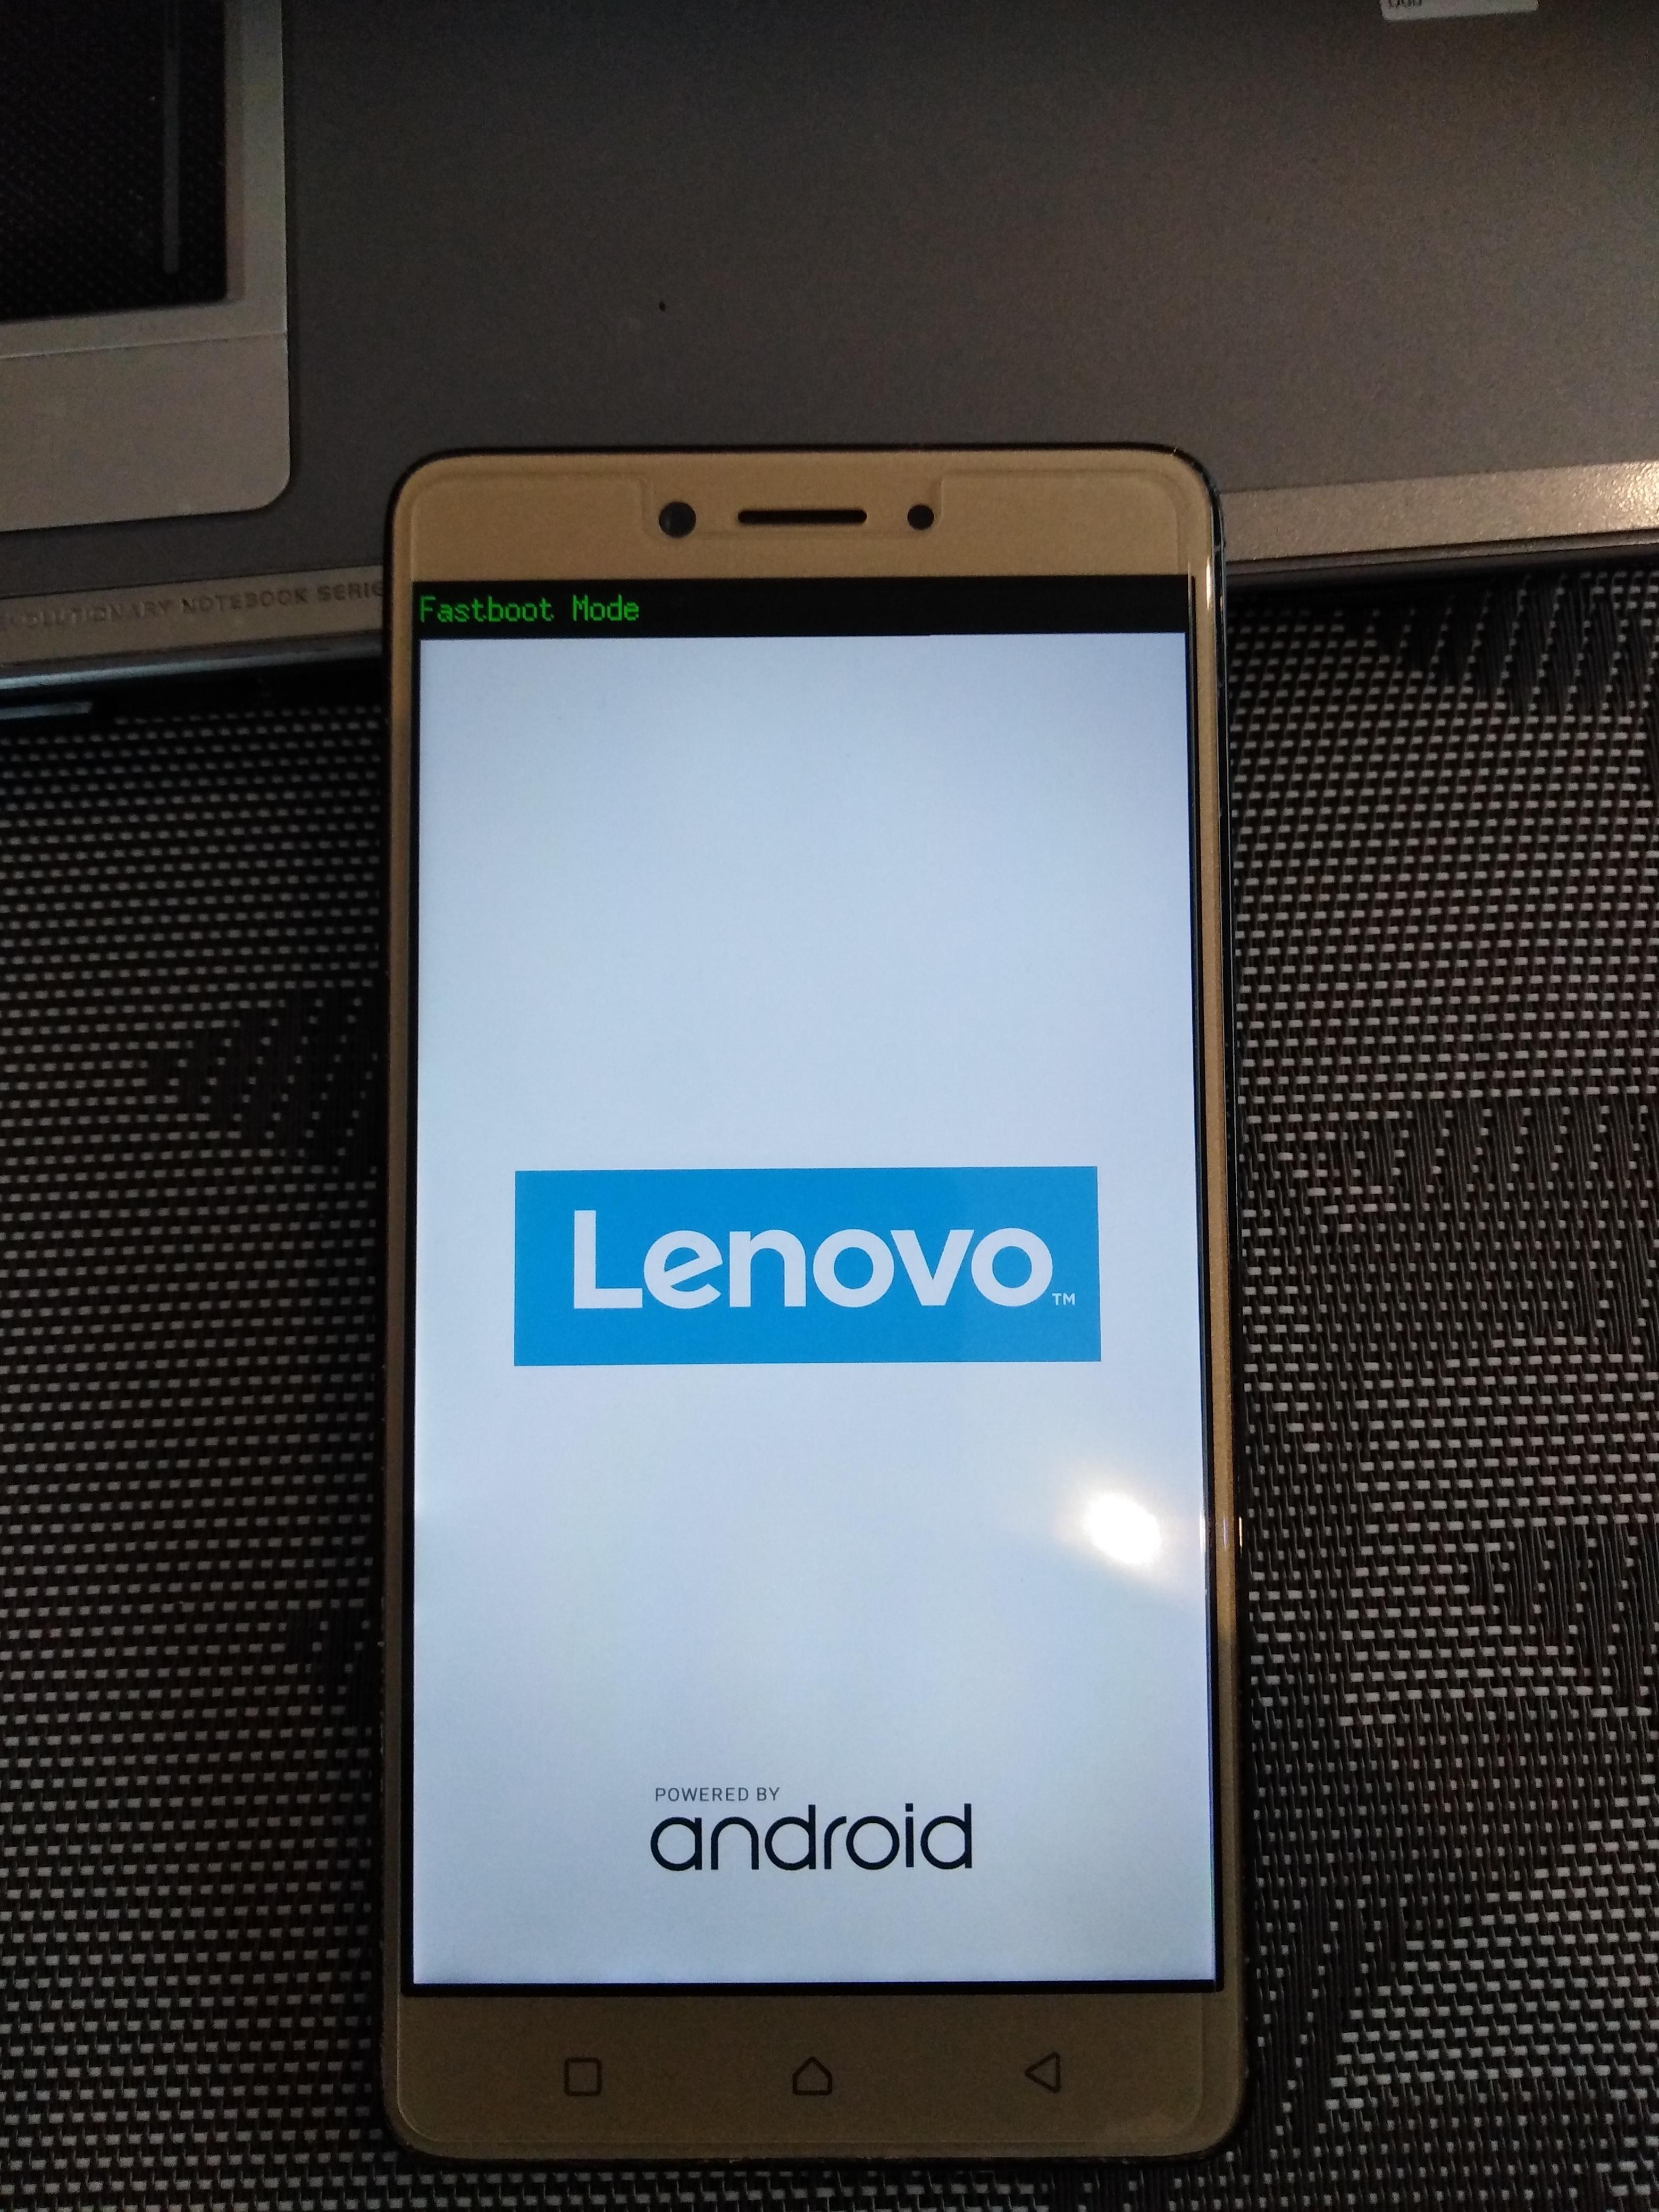 Fastboot Mode Lenovo